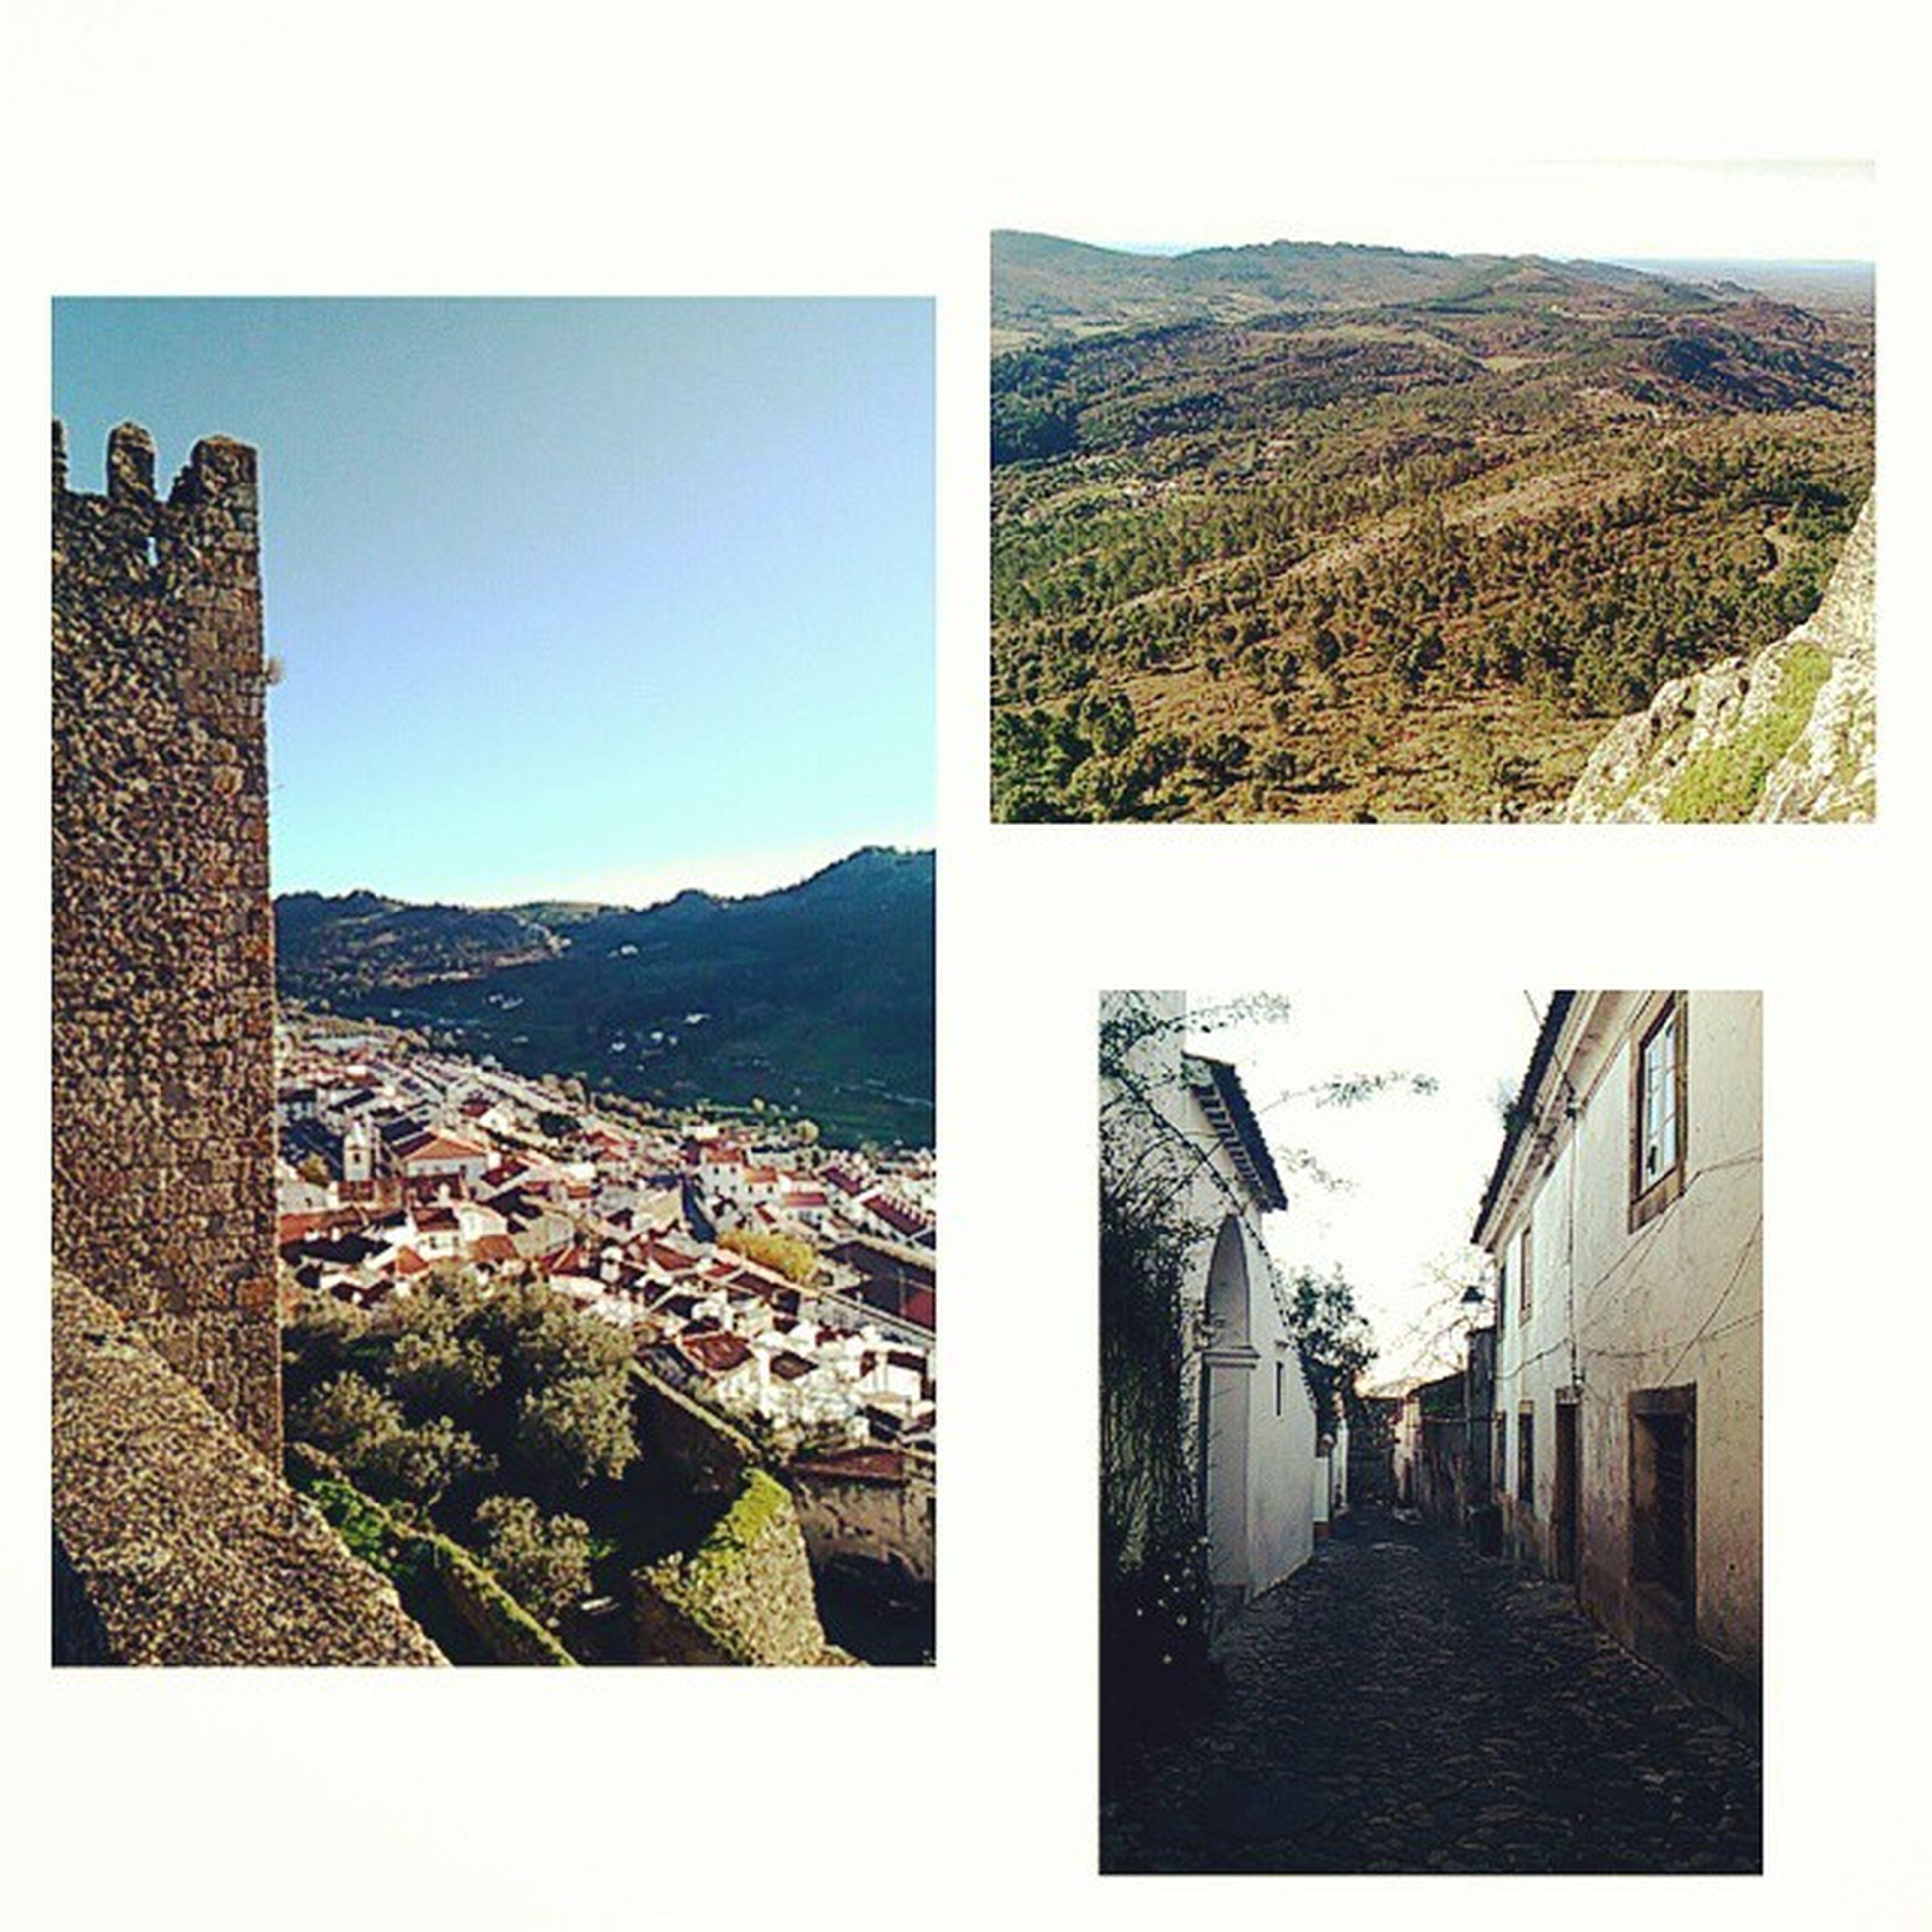 🌳🏰🚜Lastfimsemana Terrinhas Portugal Marvao Castelodevide Bonspiteus Bomvinho Boaspaisagens Bomdescanso Bombriol❄ Boasvelhascombigode👵 POUCAS PD  Muitogadobuvino🐮🍻👌